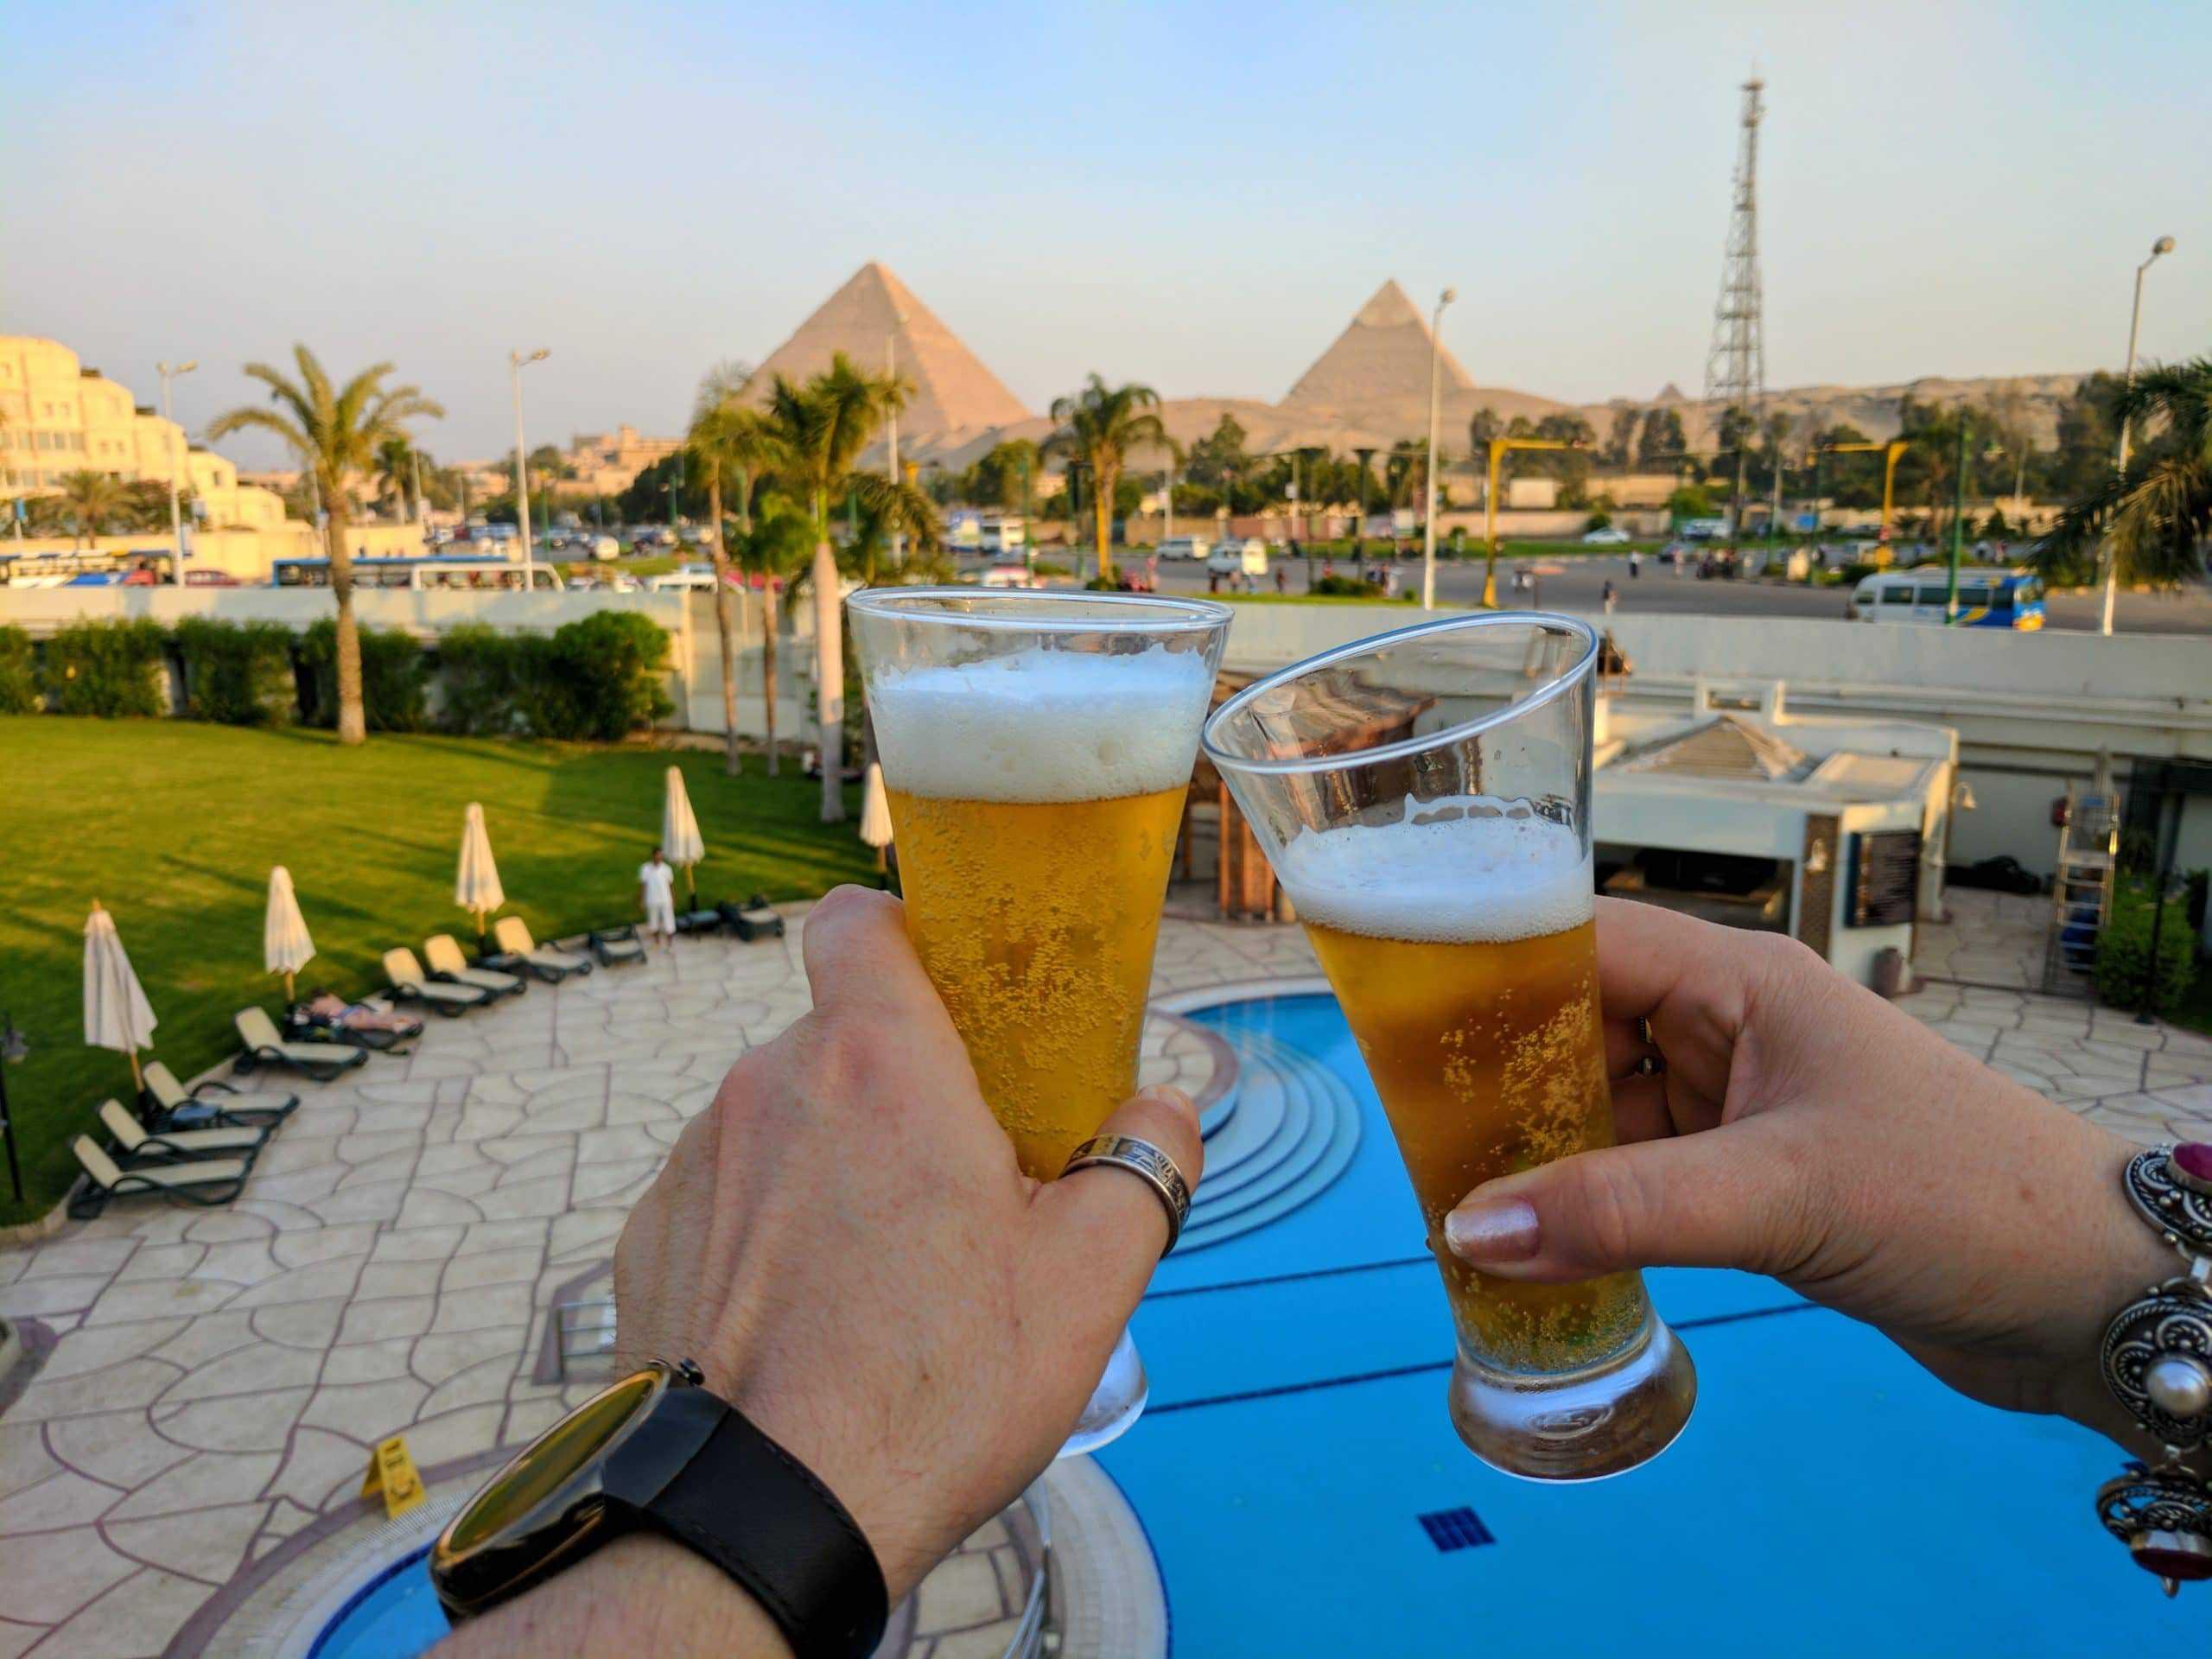 Um brinde de cerveja com as Grandes Pirâmides no fundo.